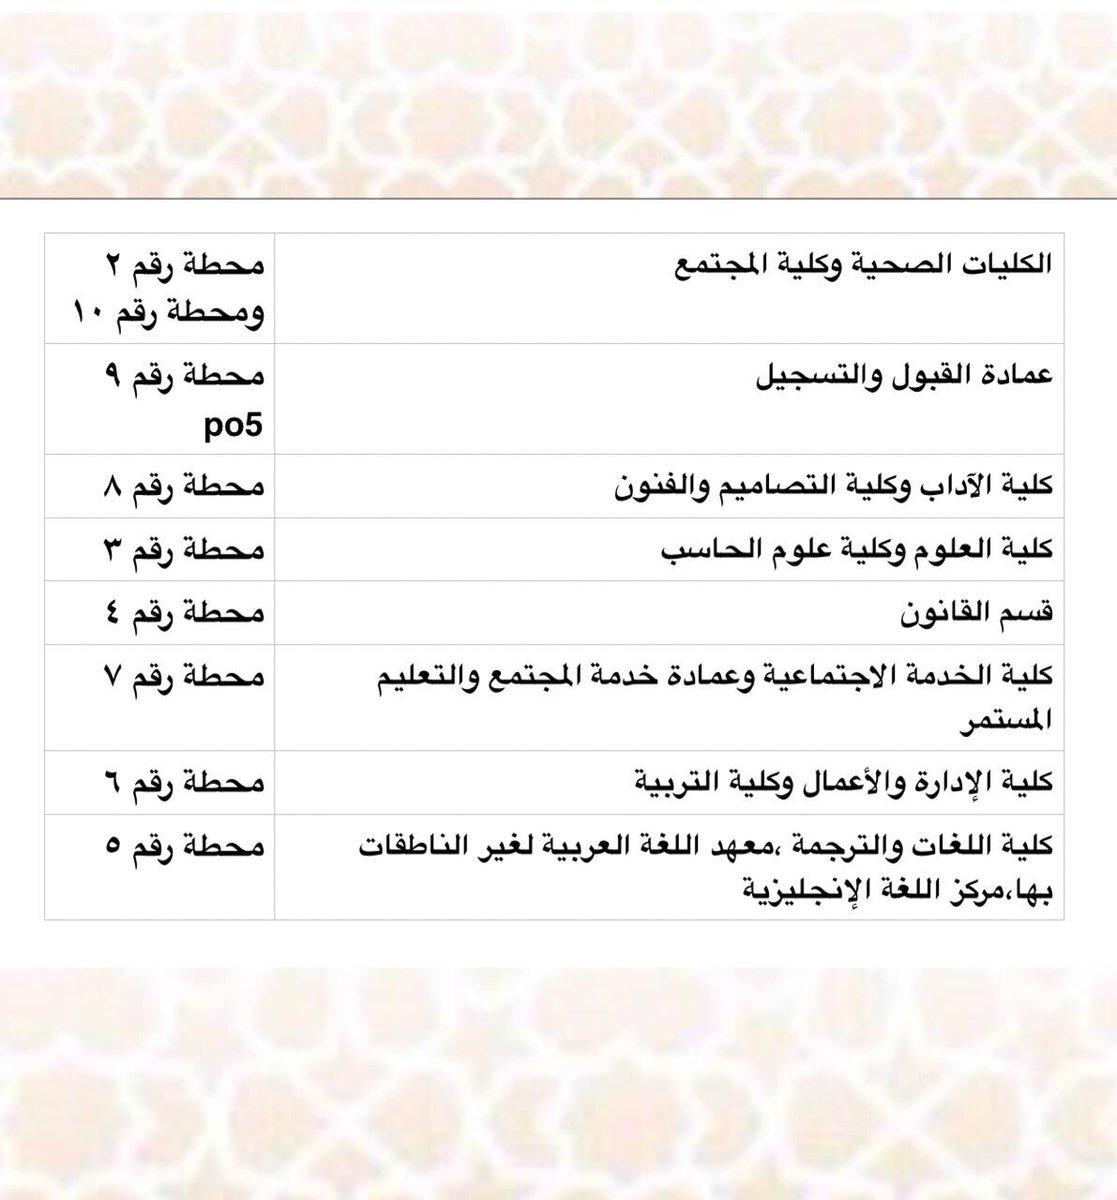 جامعة الأميرة نورة Na Twitteru عزيزتي الطالبة بإمكانك التوجه إلى محطة كليتك مباشرة كما هو موضح جامعة الأميرة نورة Pnu